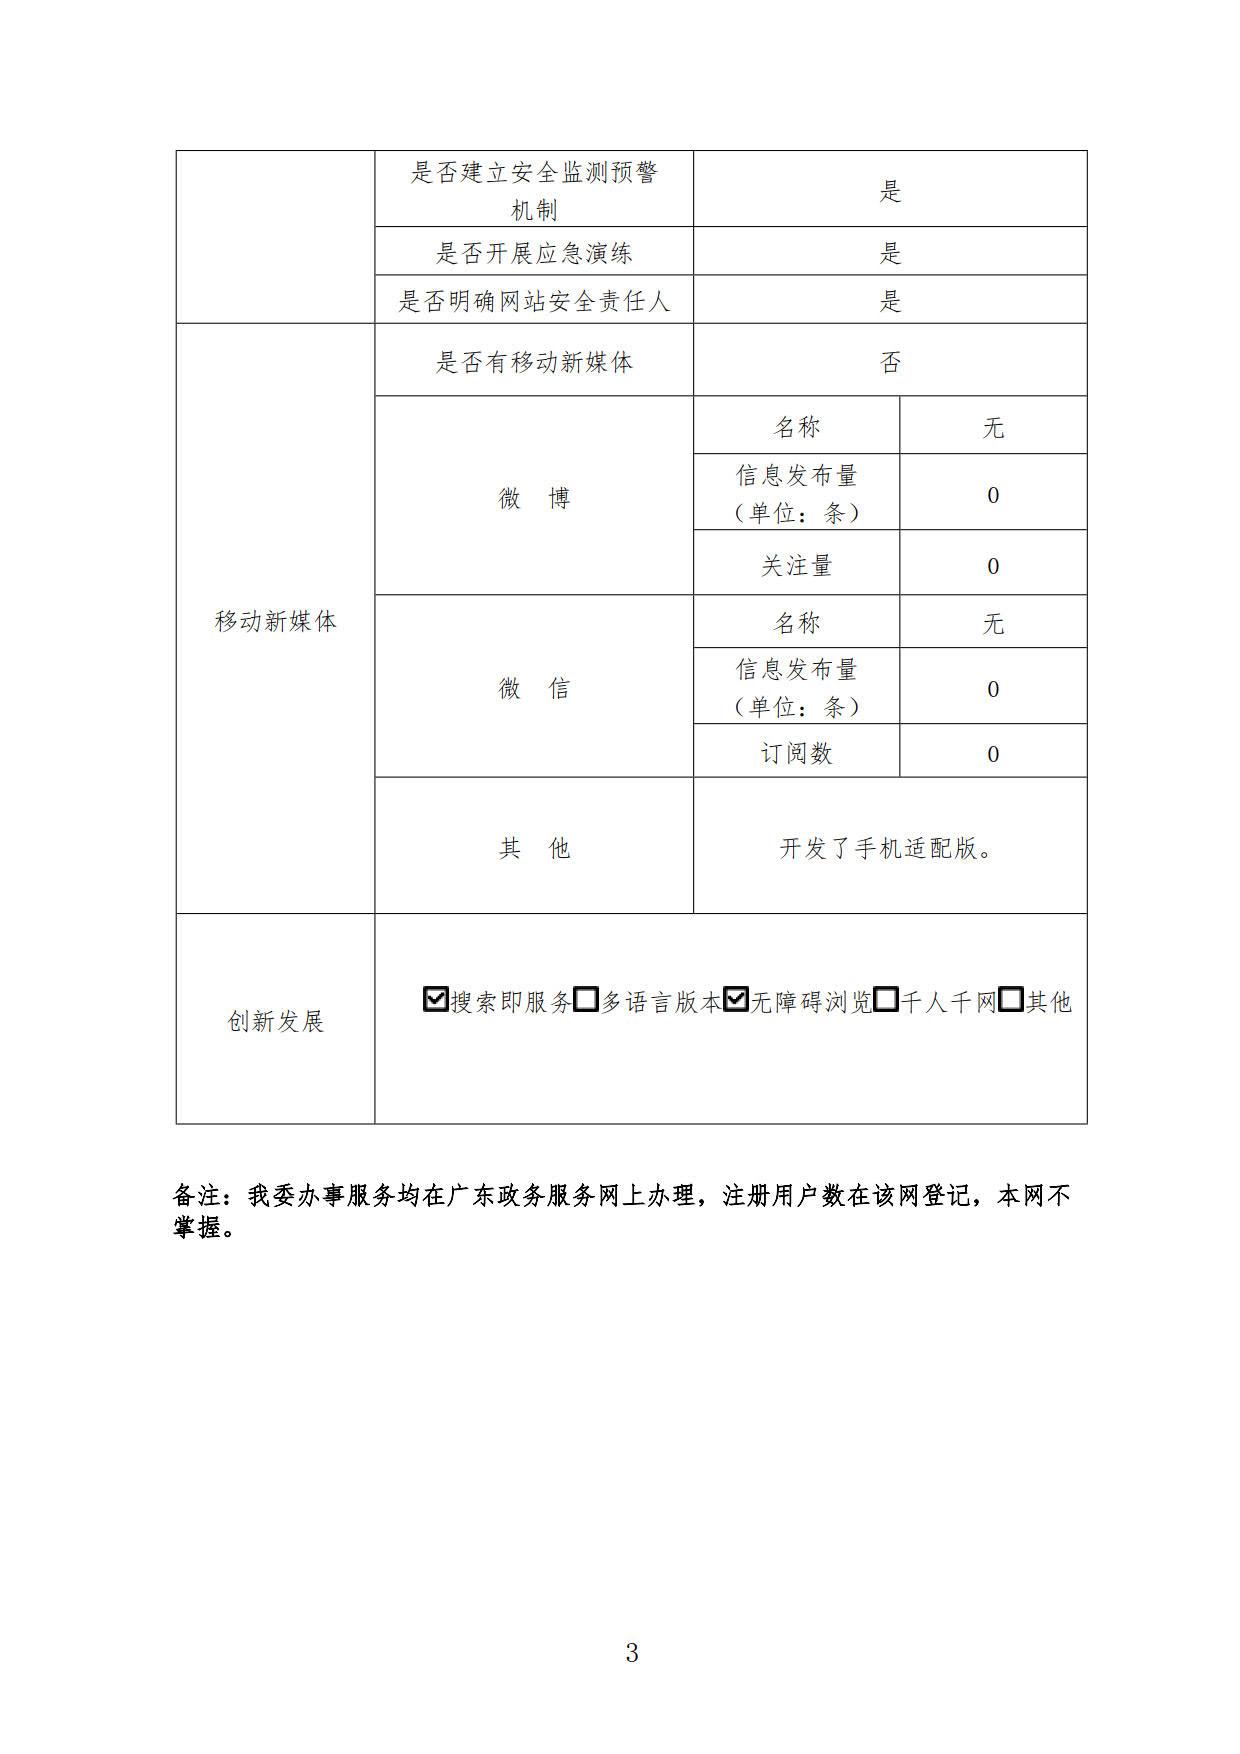 2019门户网报表3.jpg